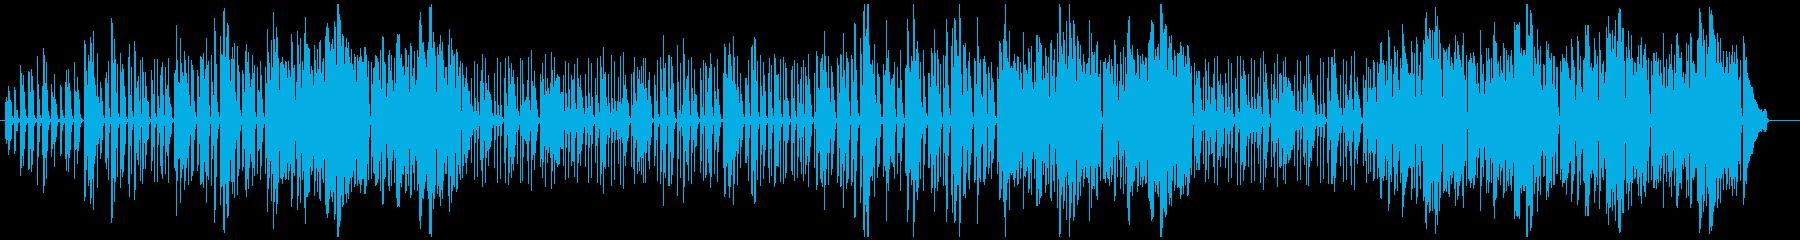 ほのぼのと楽しくなるポップメロディの再生済みの波形